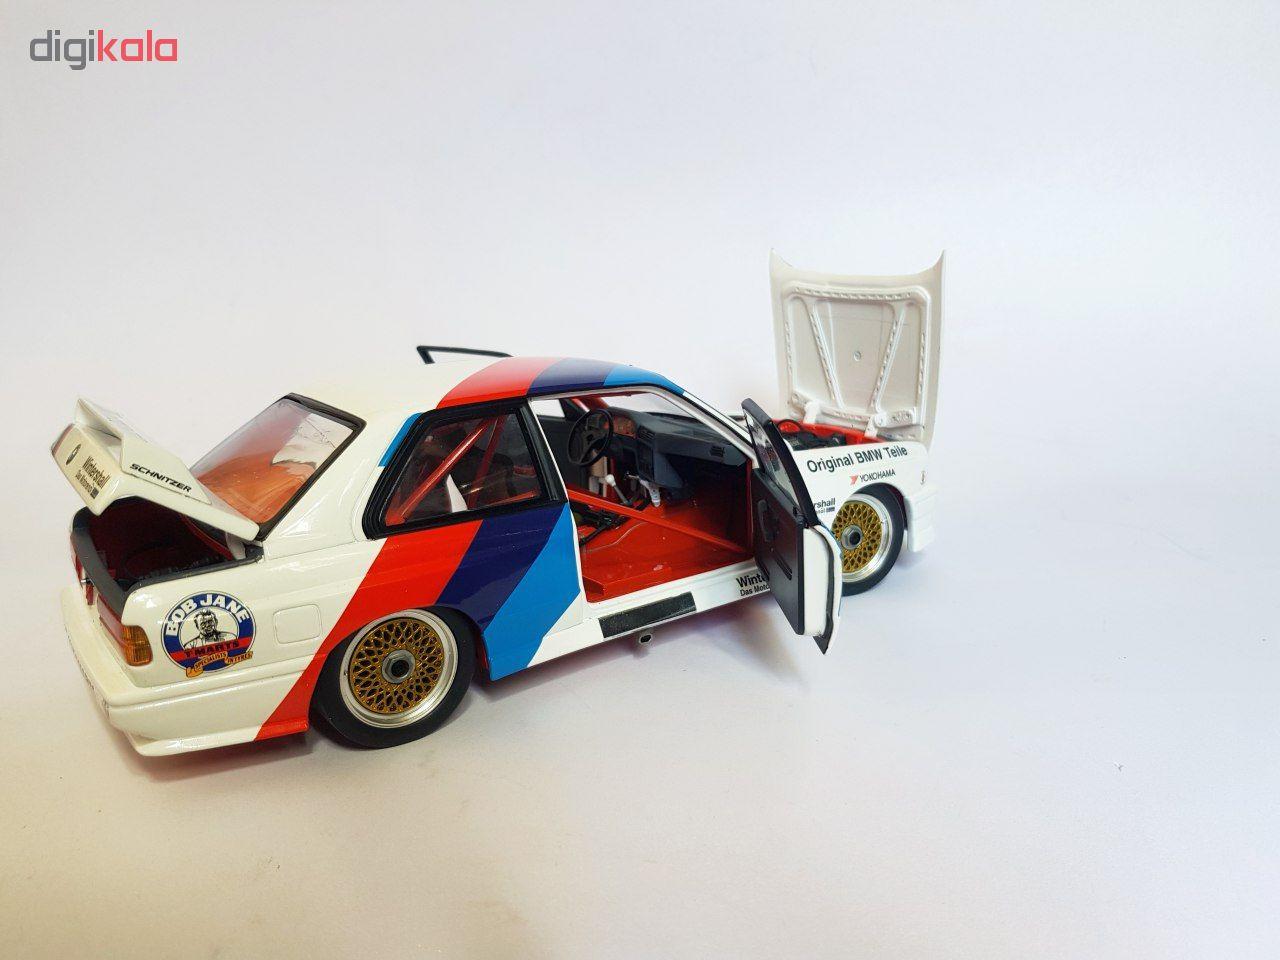 ماشین بازی مینیچمپس مدل ب ام و رالی M3